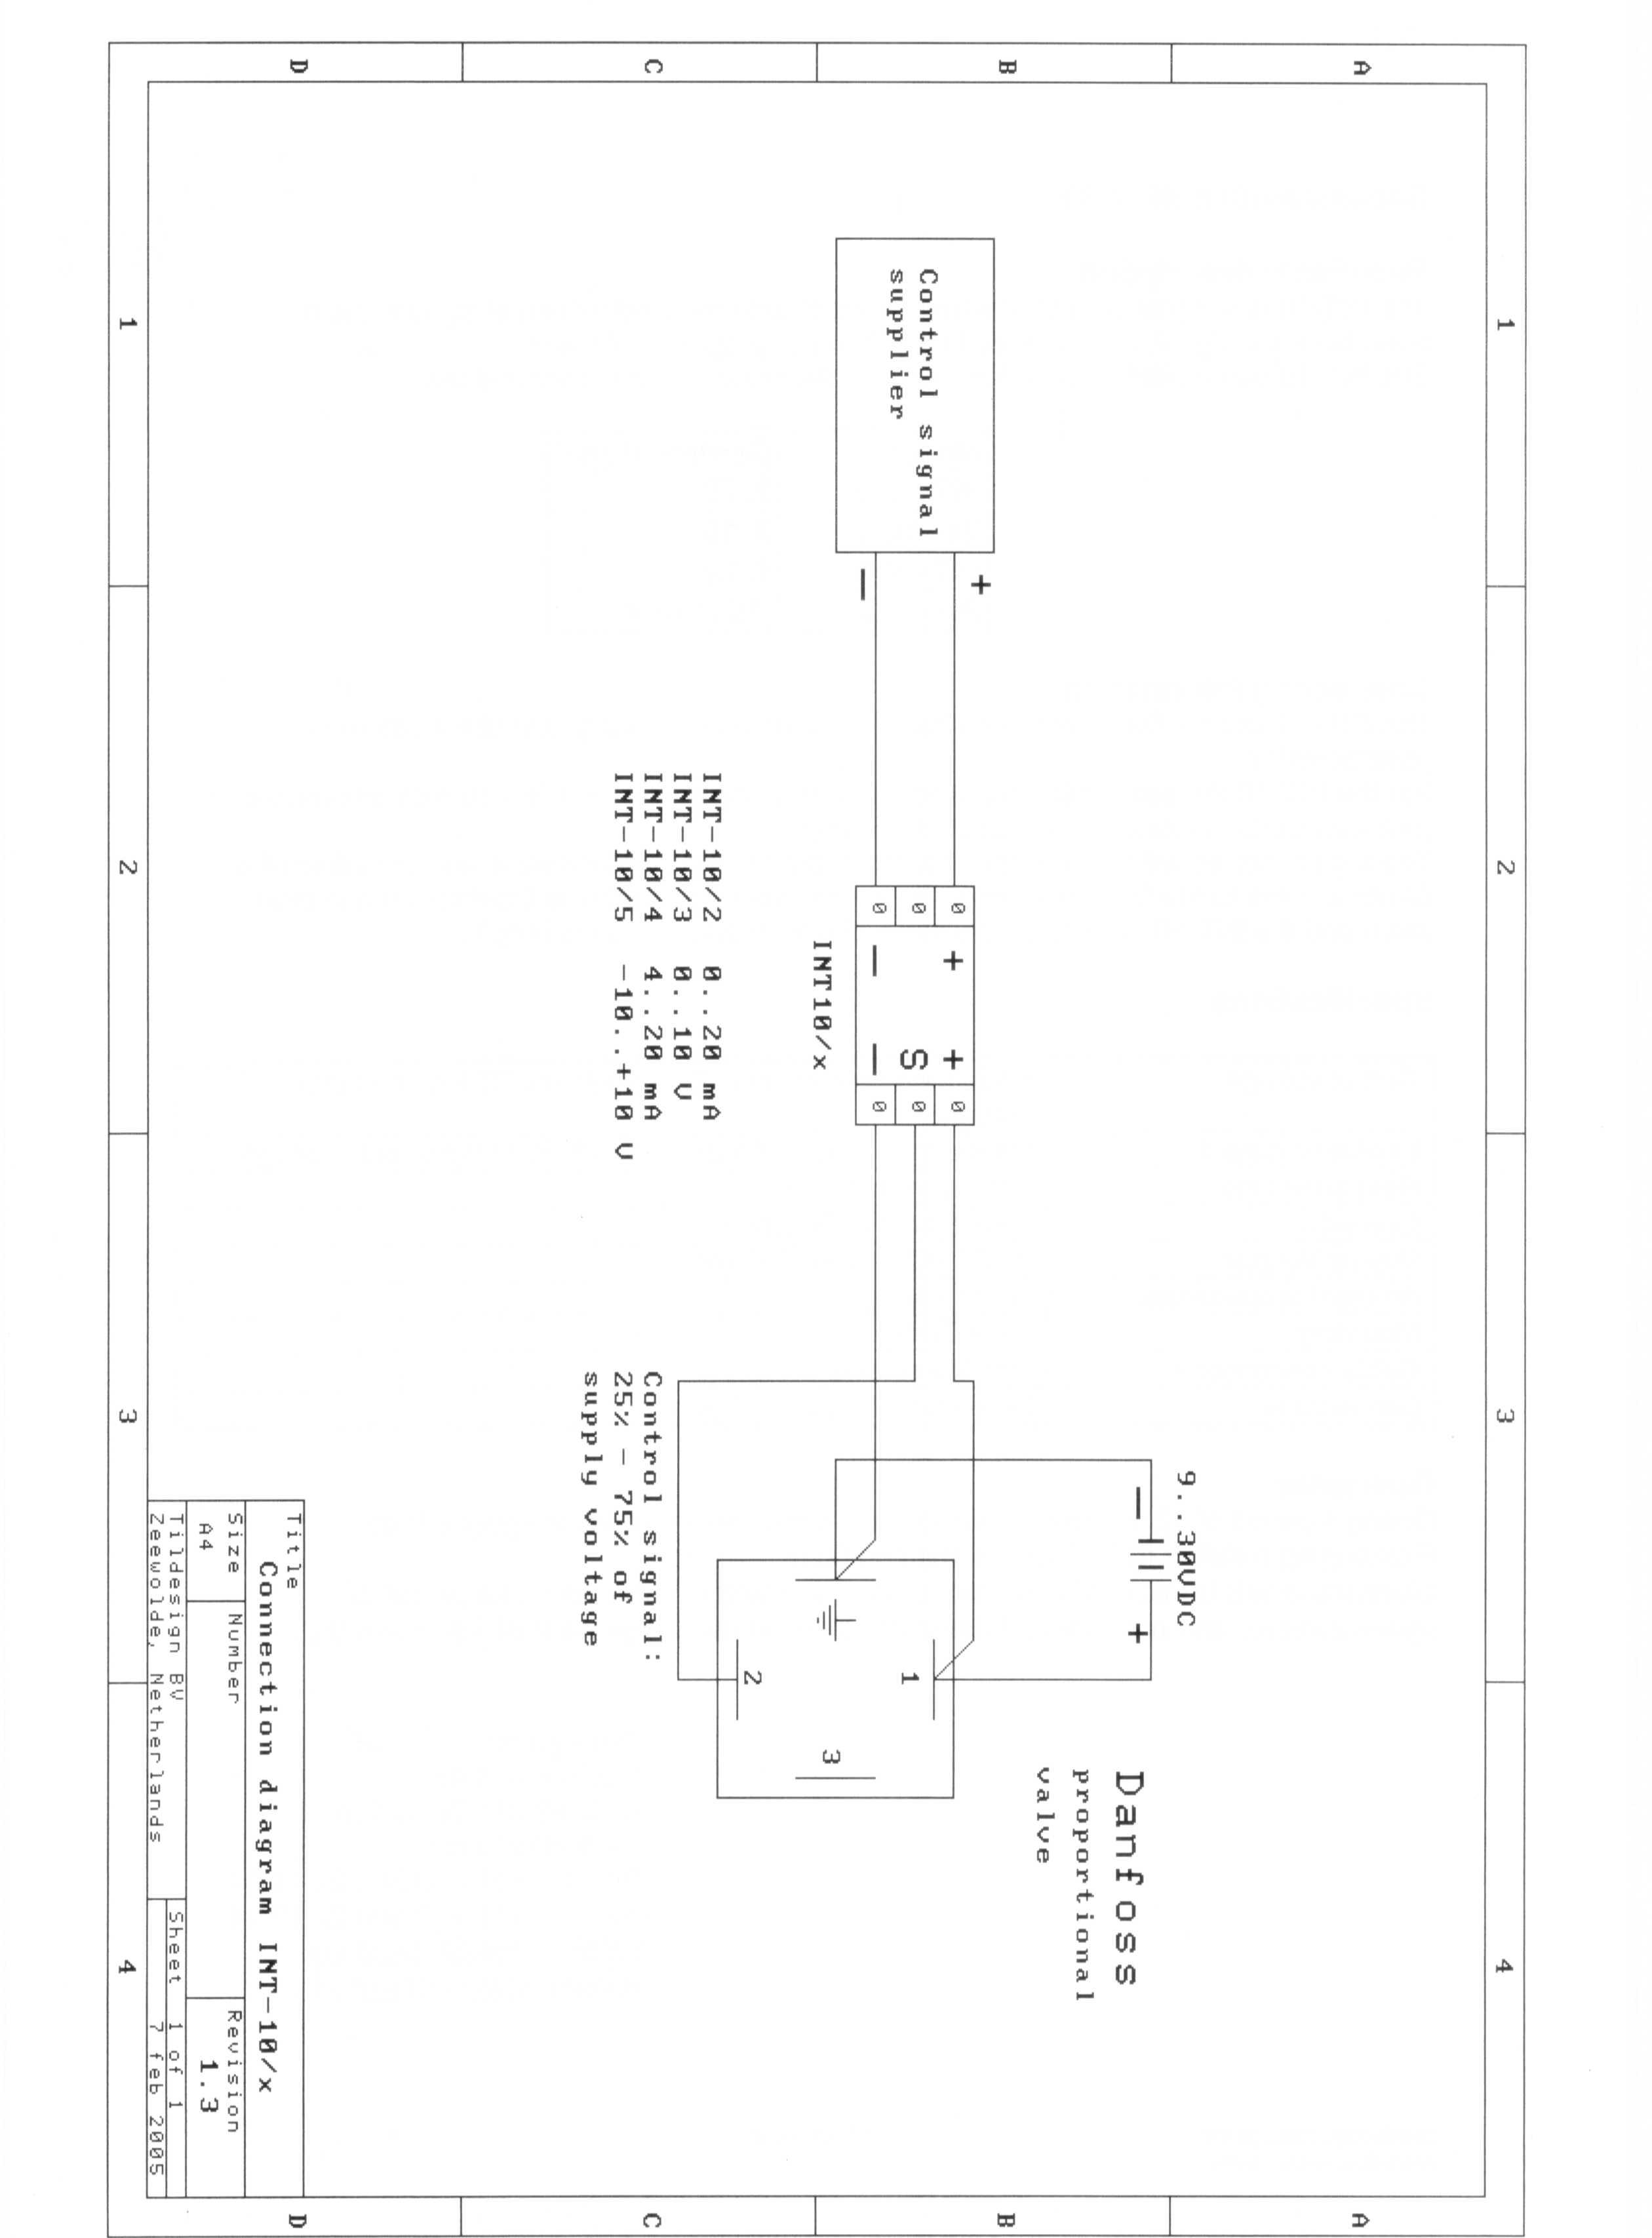 Wiring Diagram For Danfoss Motorised Valve